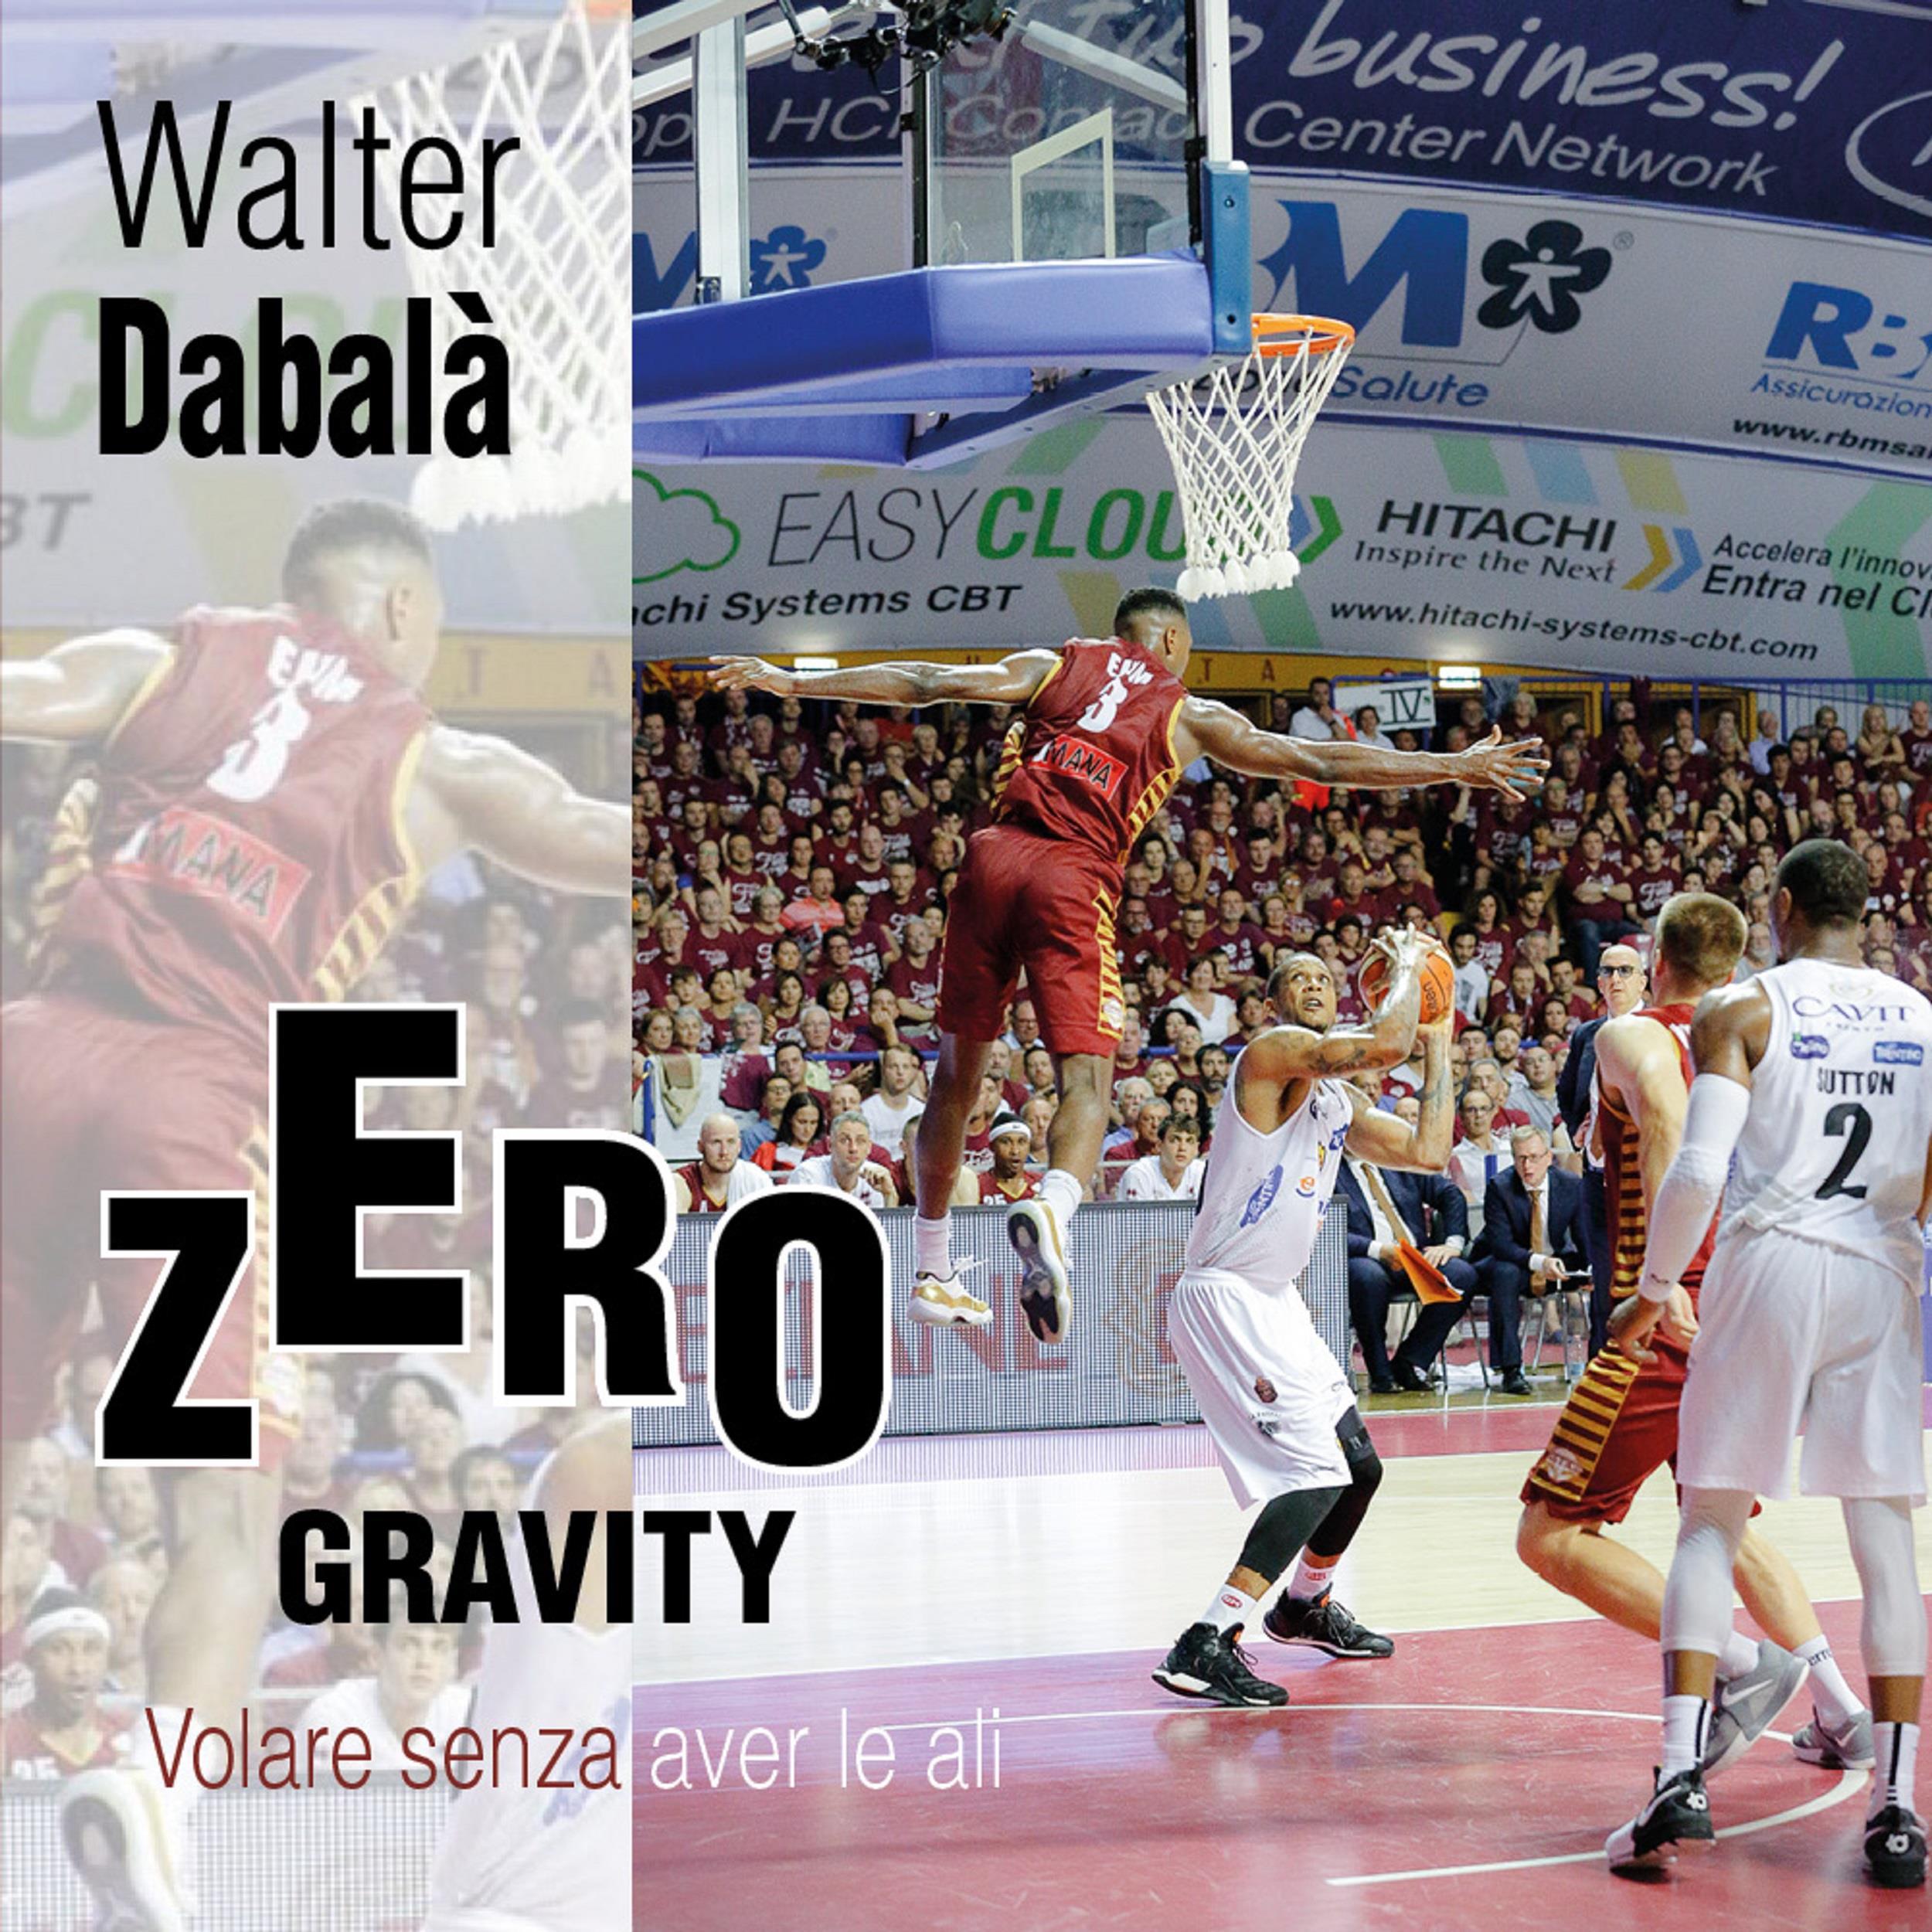 Zero Gravity. Volare zenza aver le ali